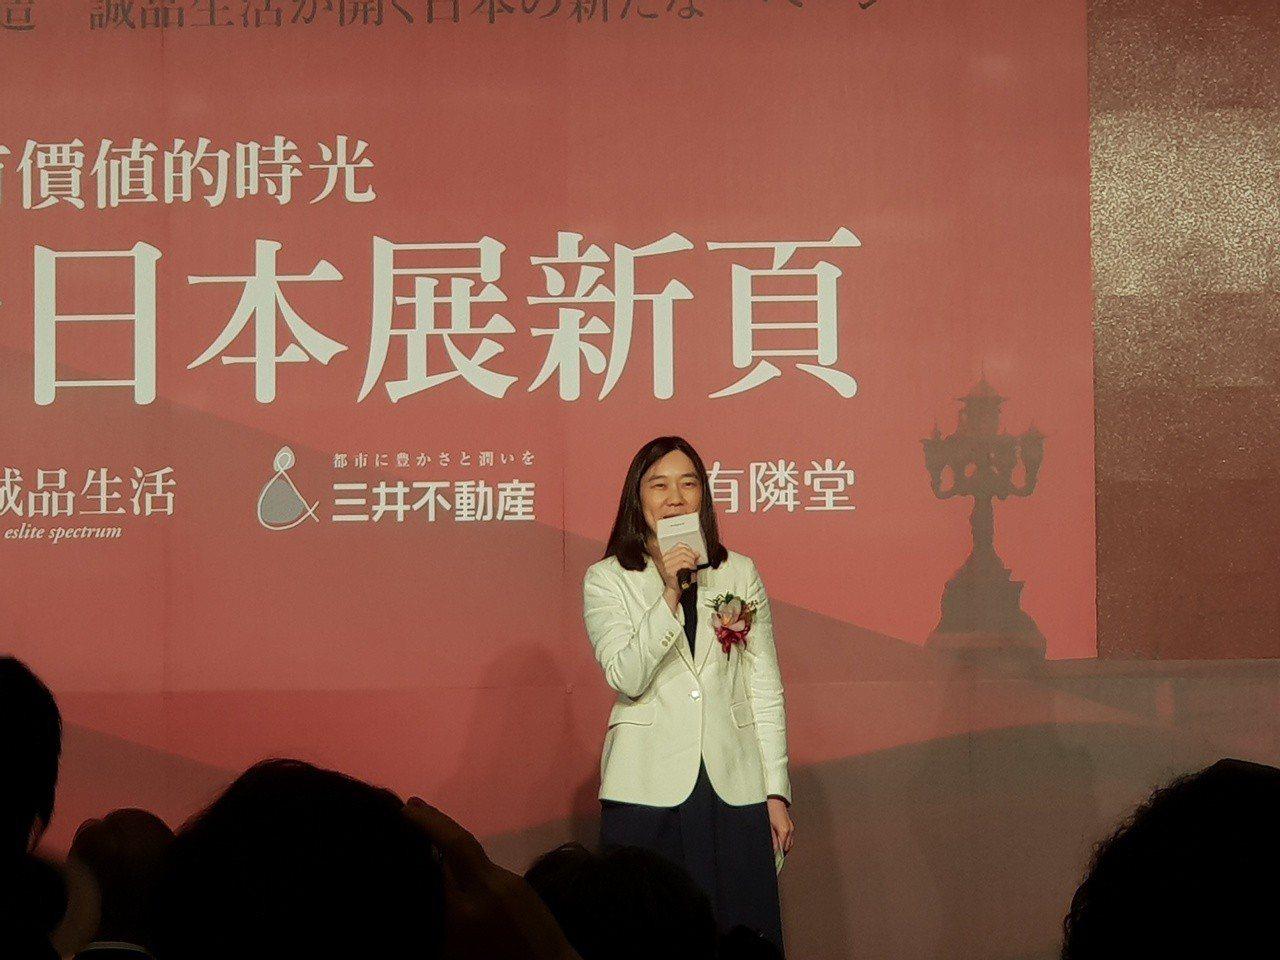 吳旻潔說,占地3萬平方米的深圳大店年底將開幕。記者陳宛茜/ 攝影